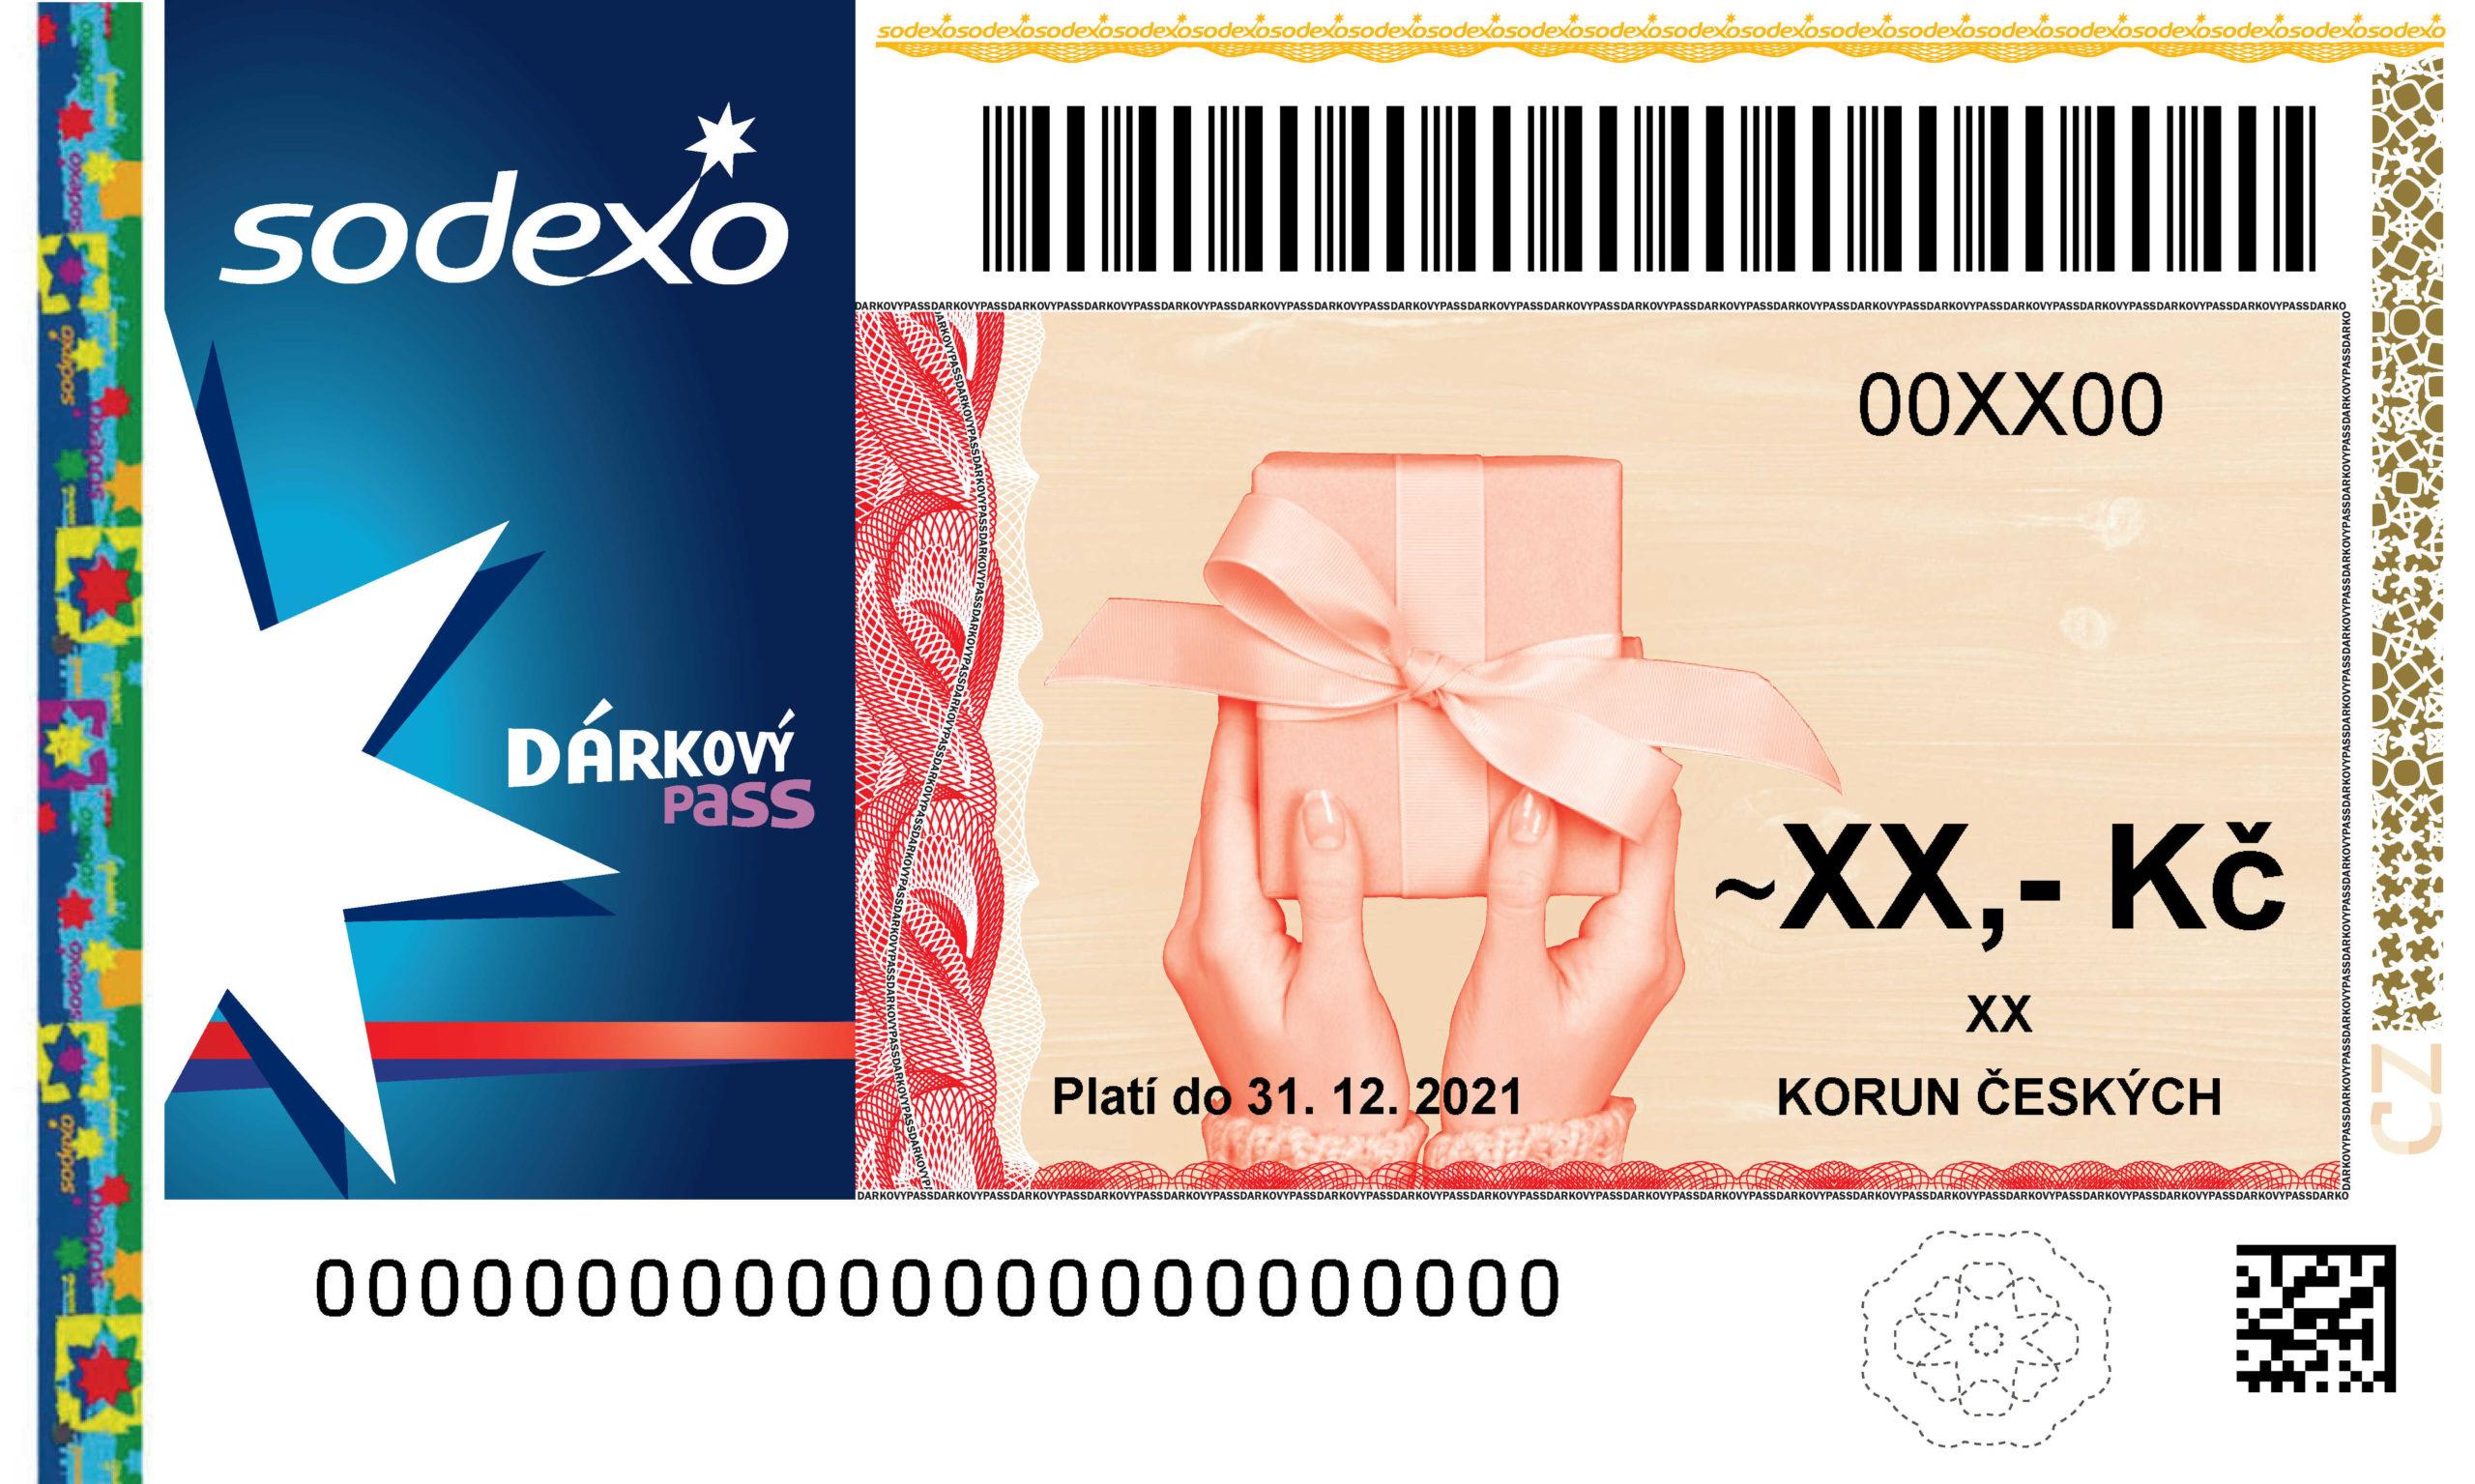 Dárkový Pass 2020